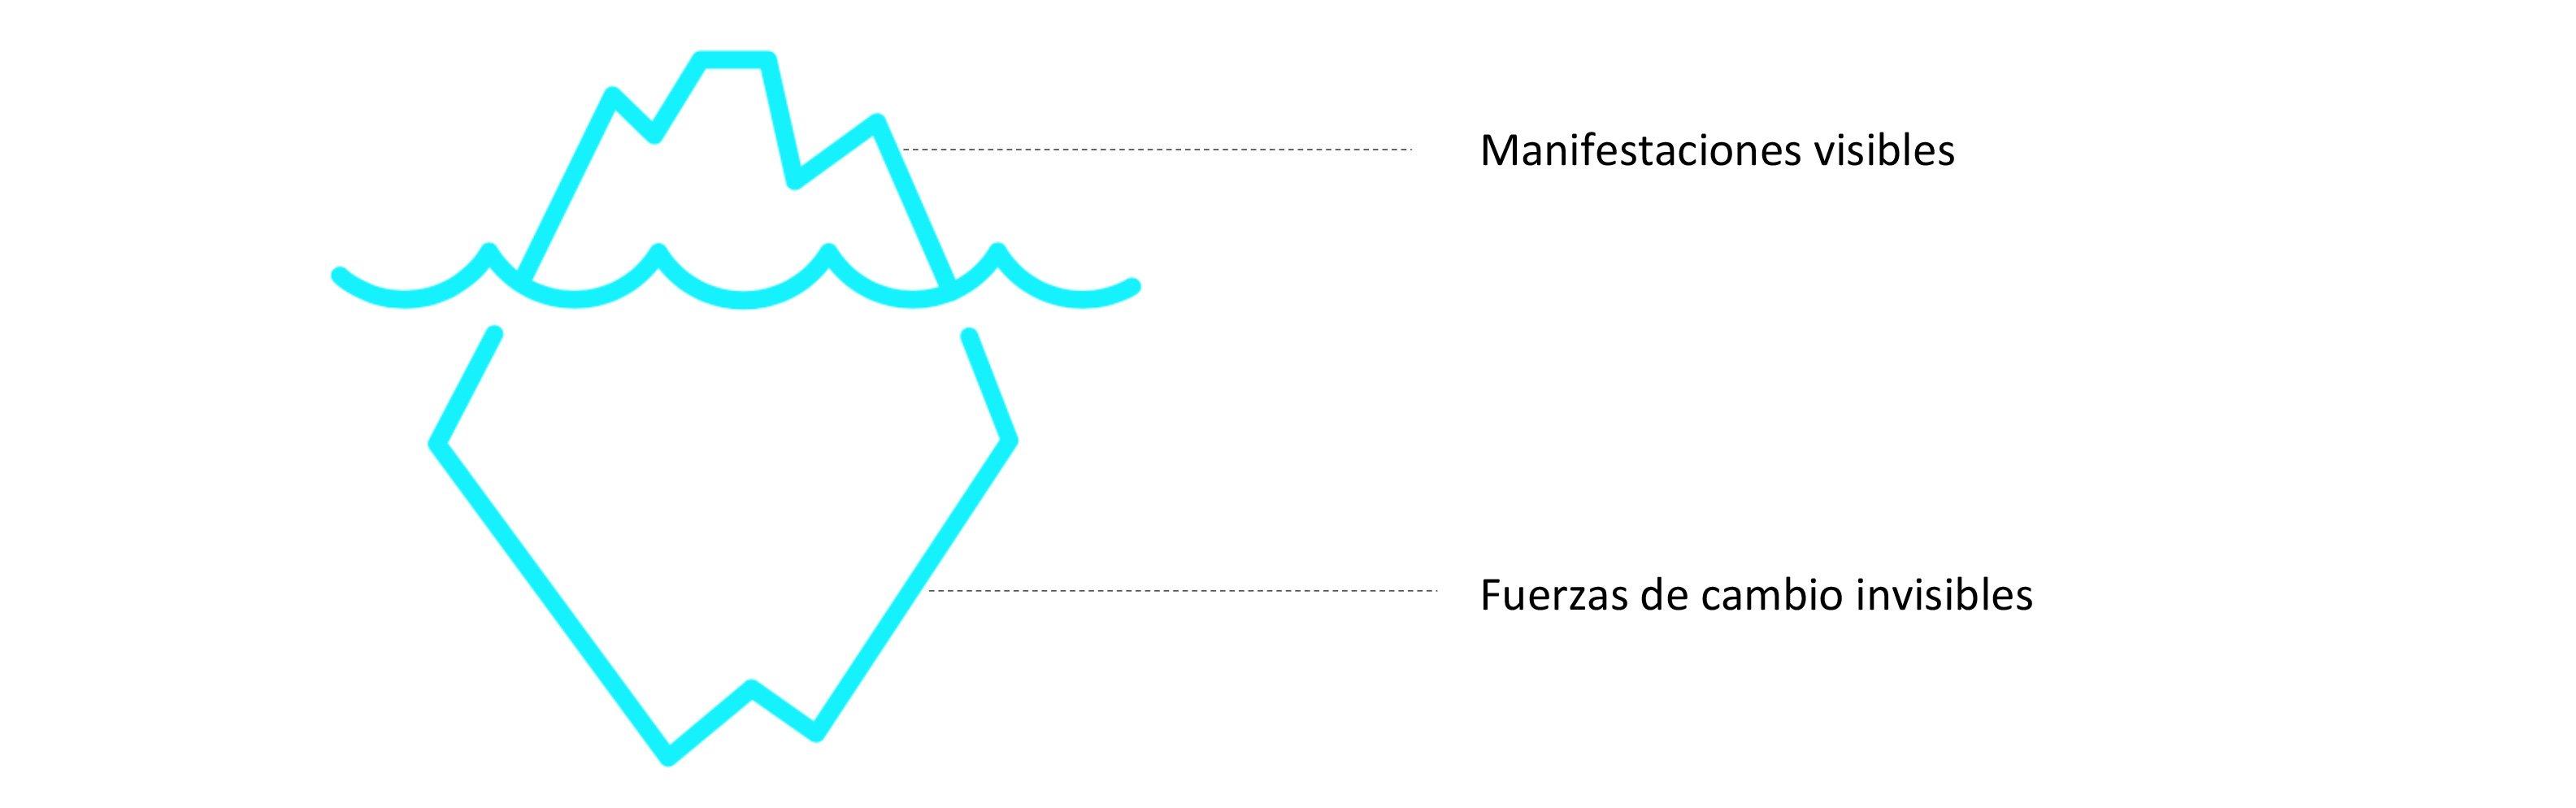 Fuerzas de cambio visibles e invisibles.